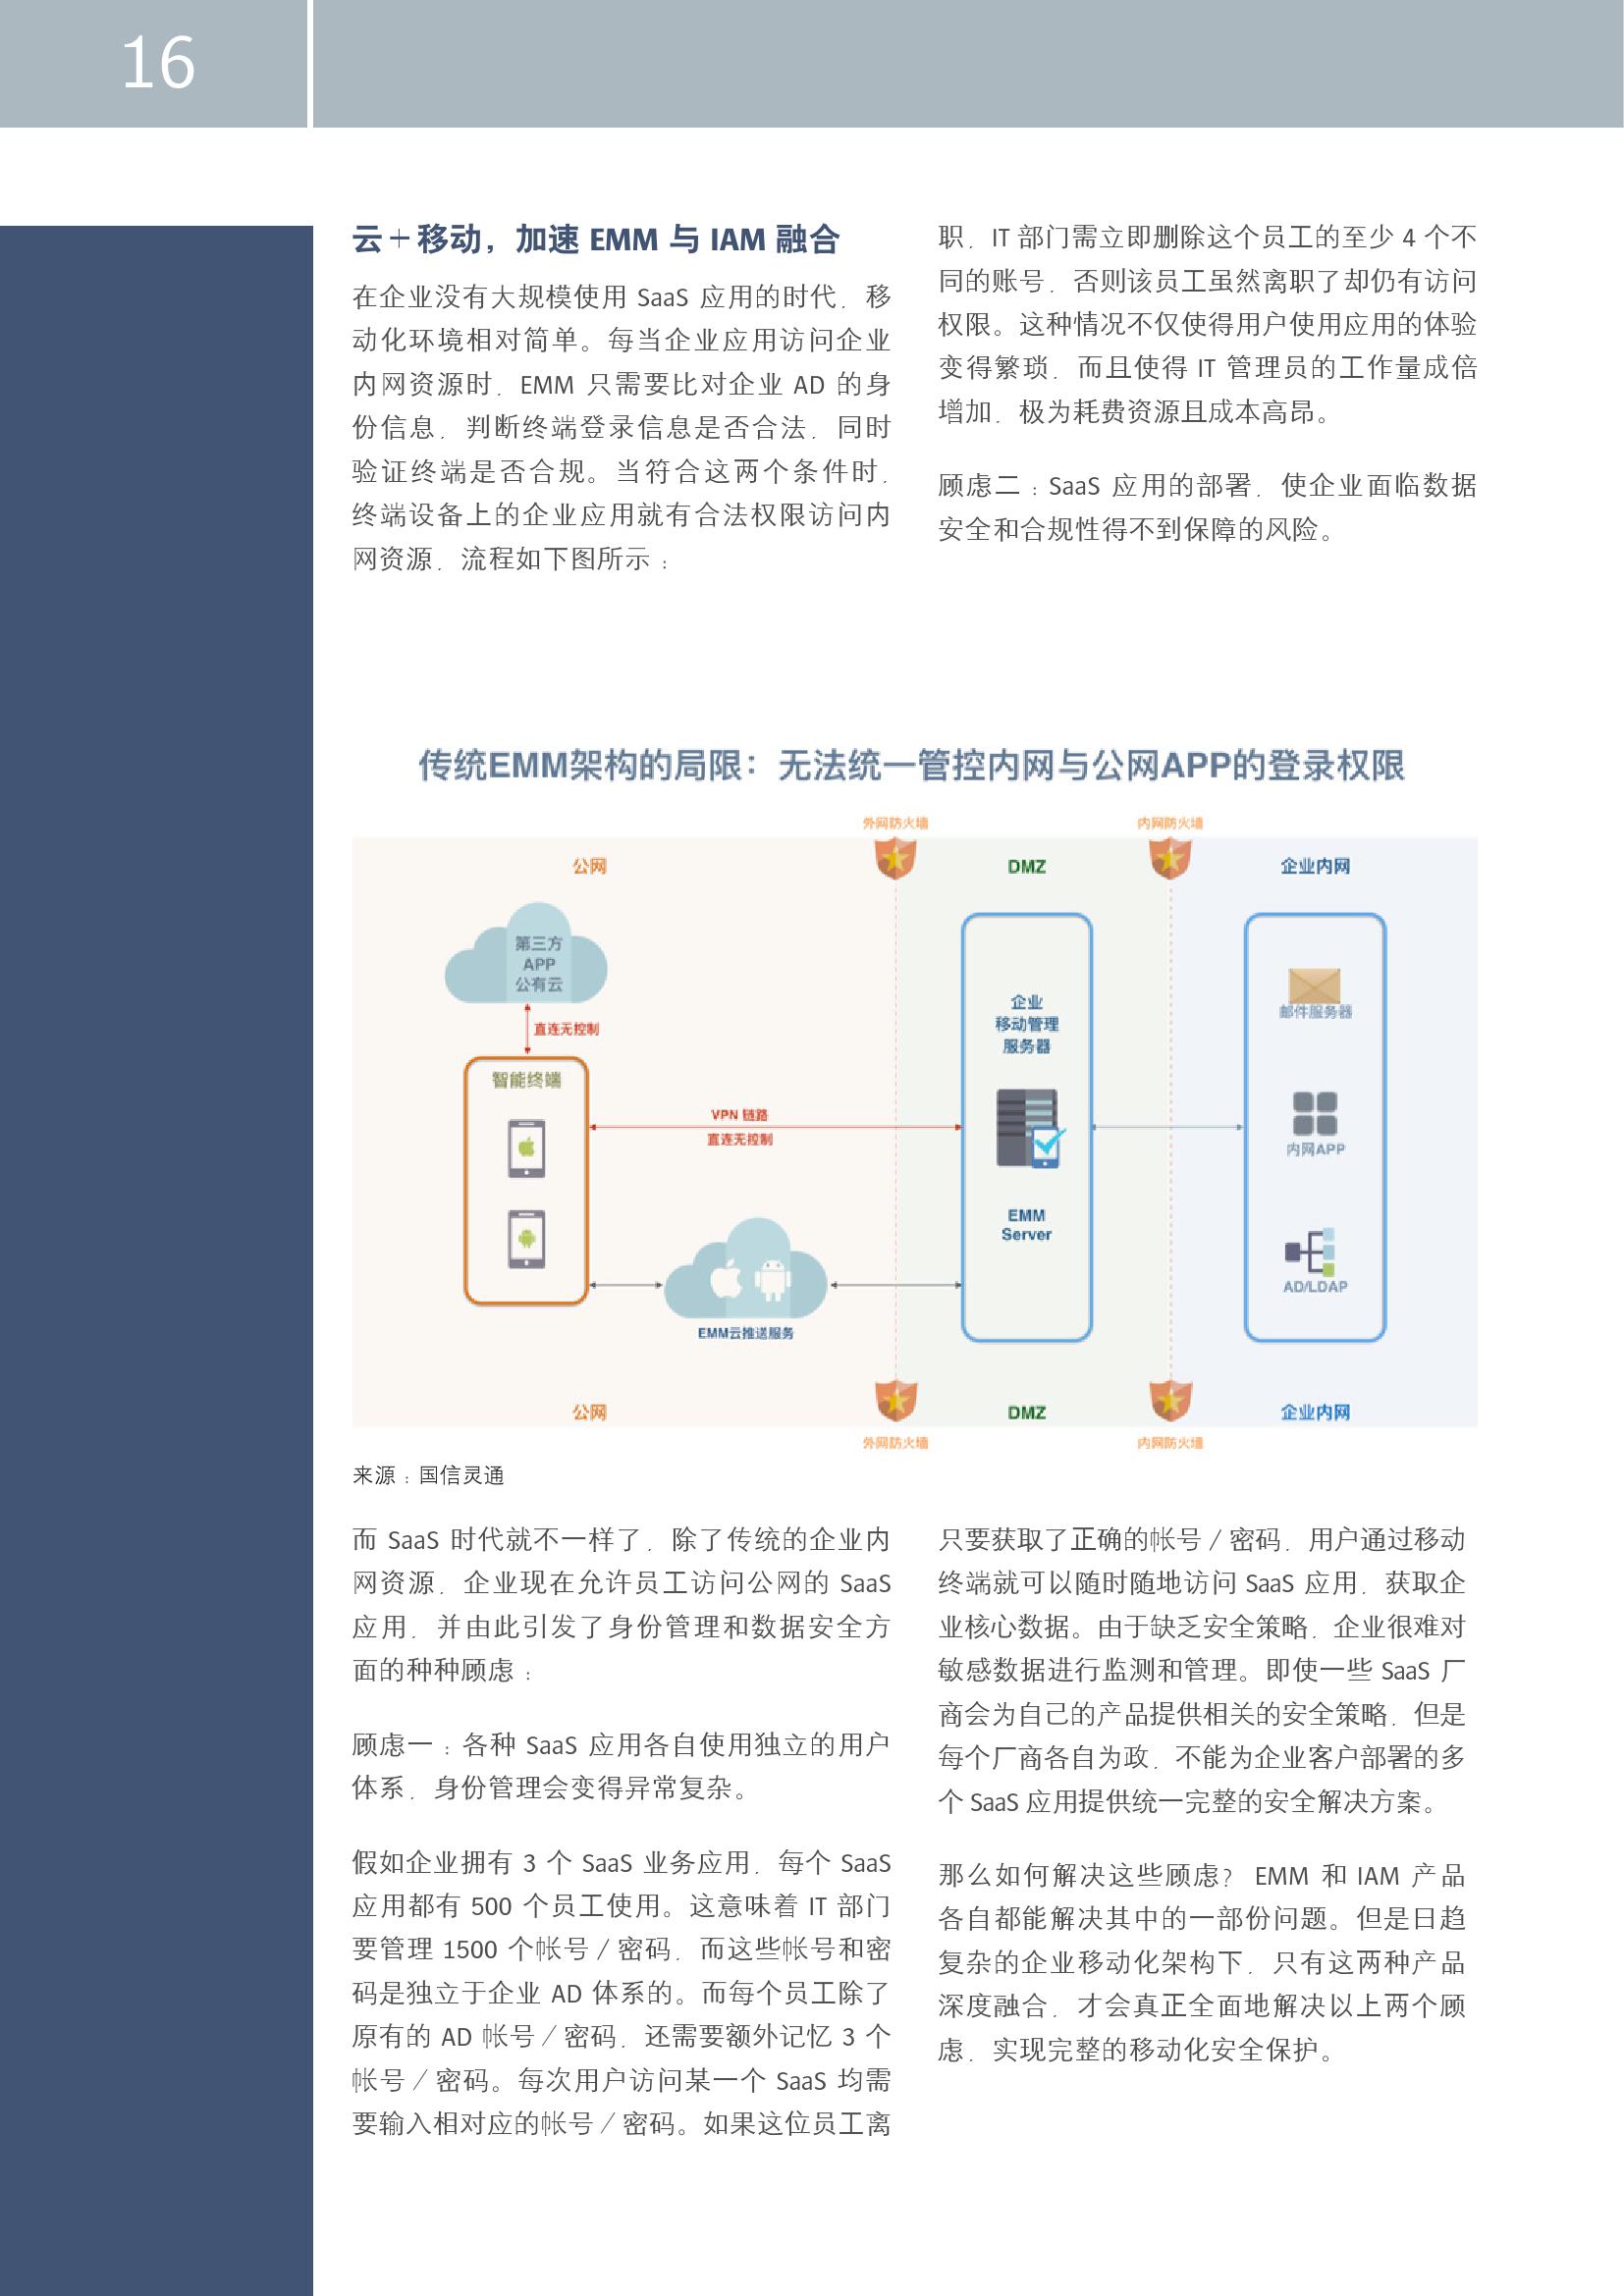 中国企业市场前瞻_000016